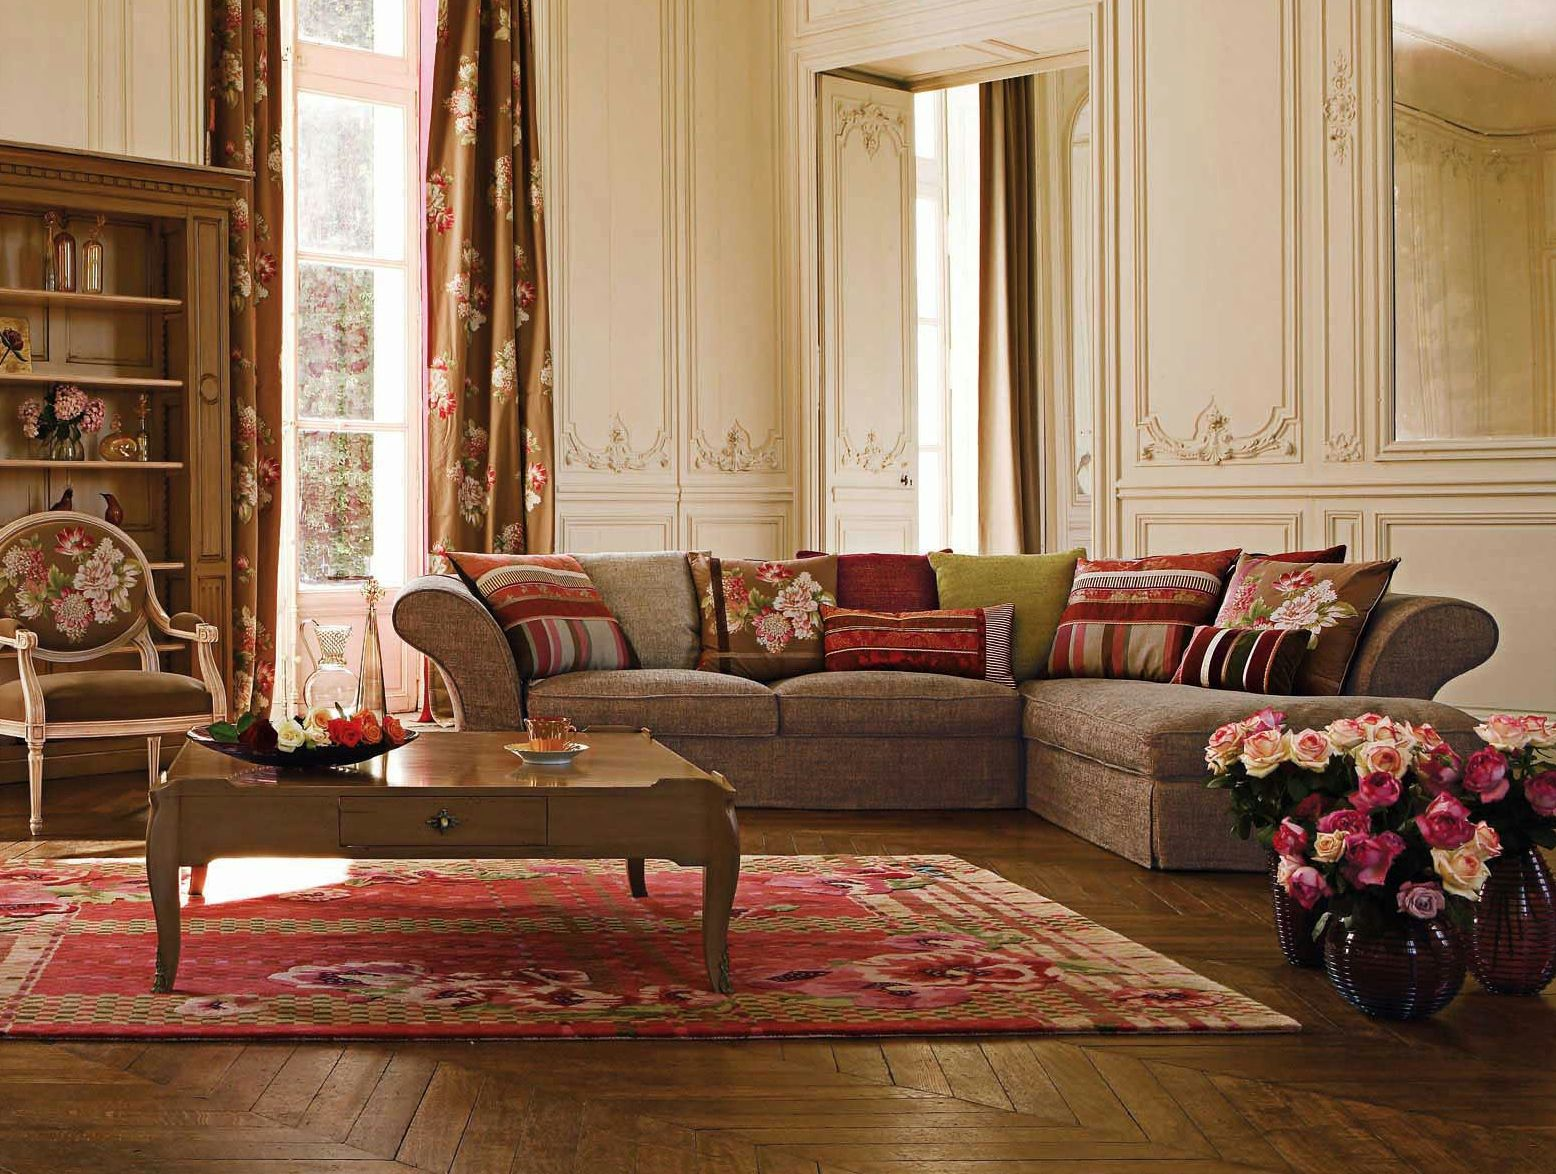 roche bobois images fabric sofa commedia nouveaux. Black Bedroom Furniture Sets. Home Design Ideas